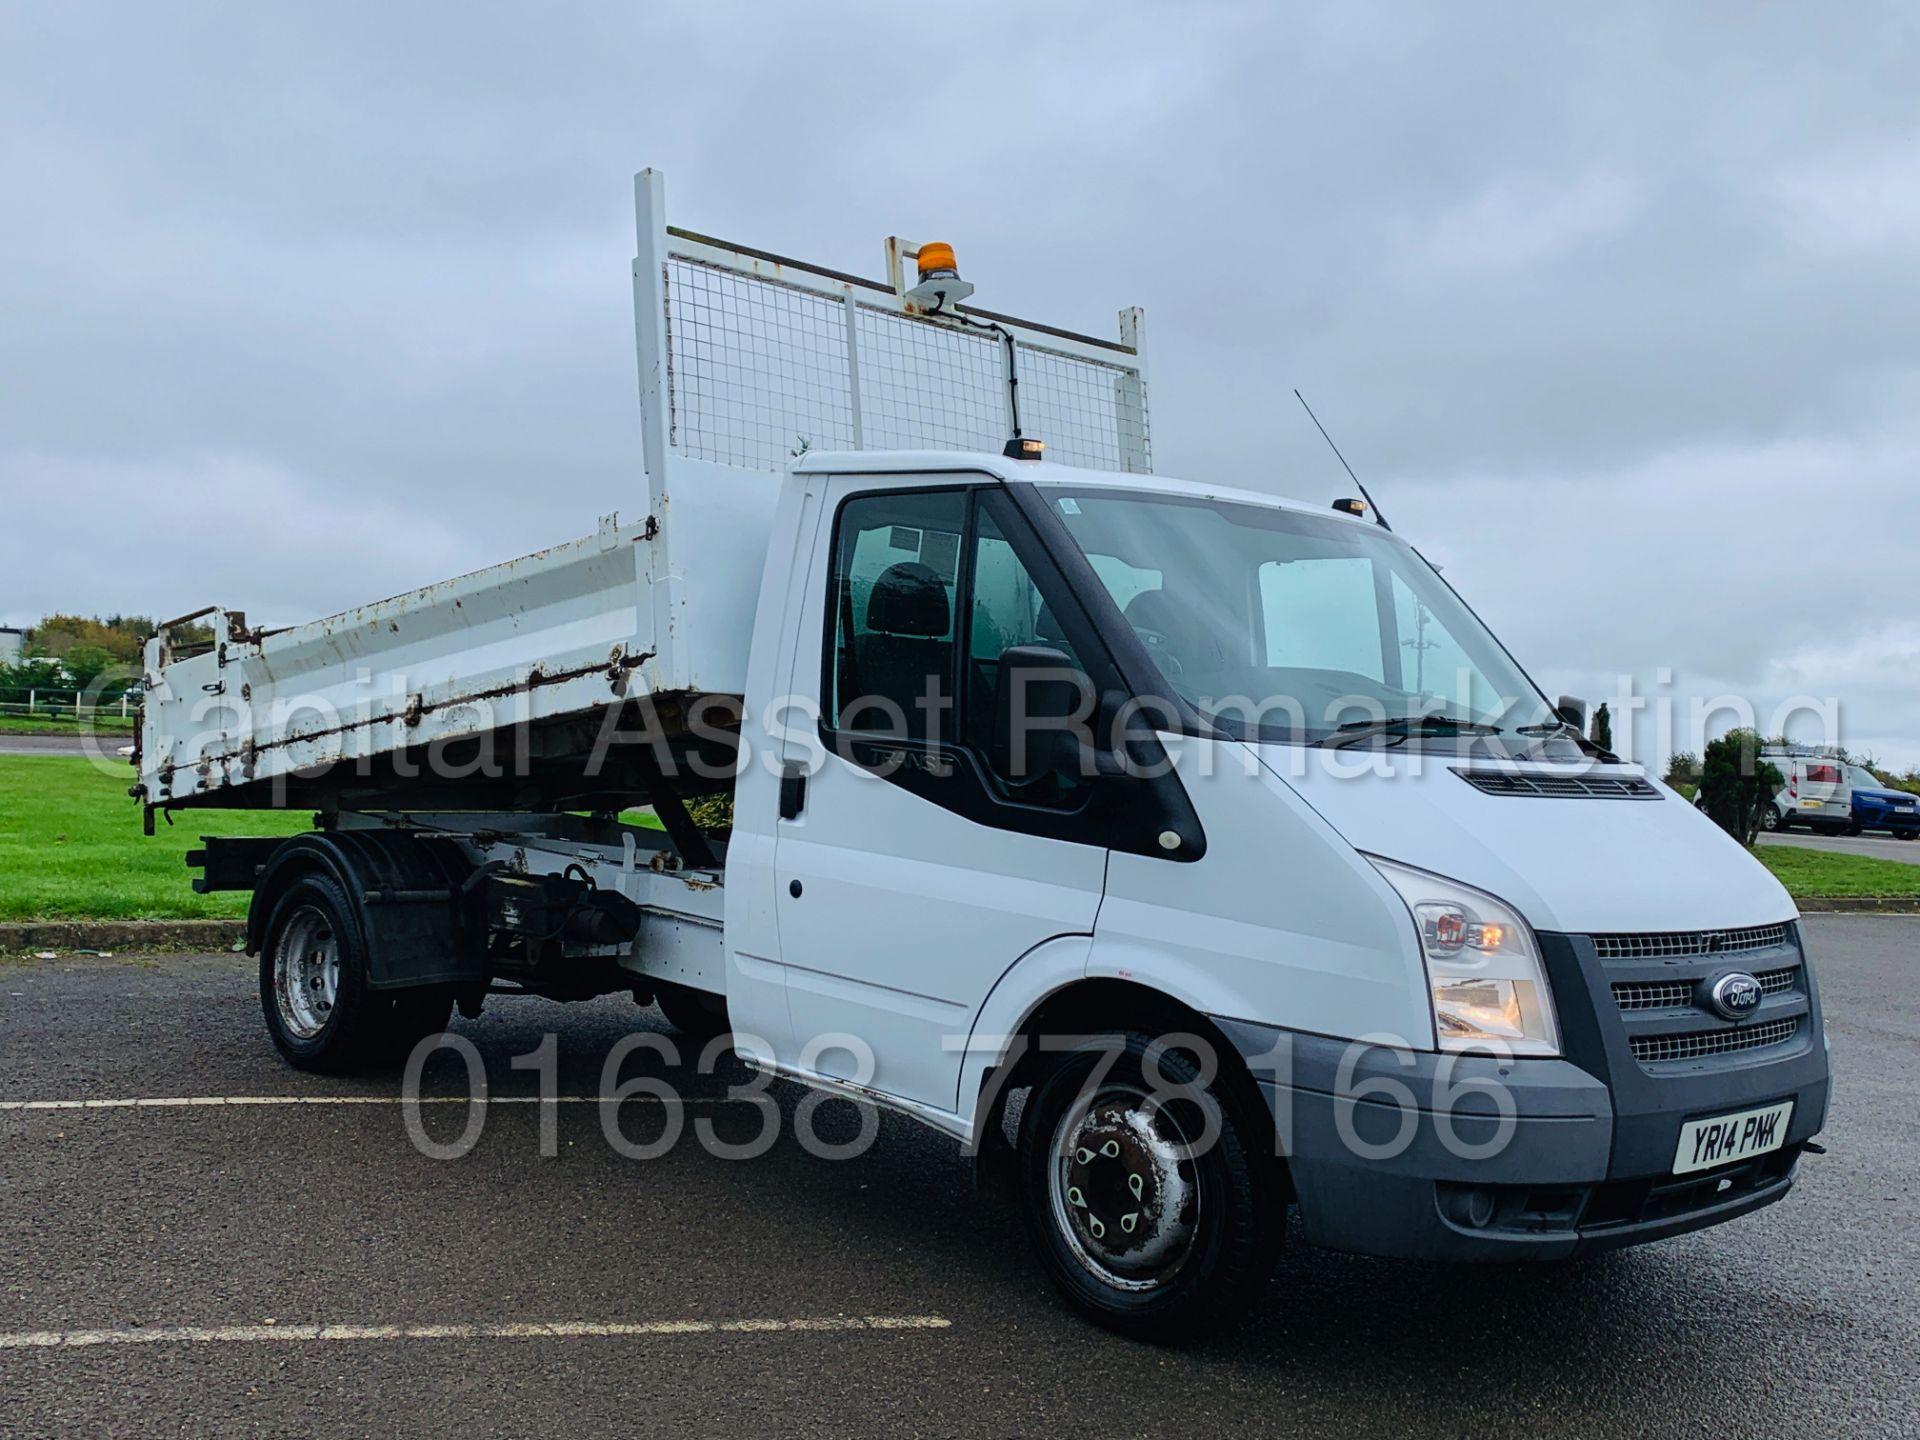 Los 6 - FORD TRANSIT 100 T350L RWD *SINGLE CAB - TIPPER TRUCK* (2014) '2.2 TDCI -100 BHP- 6 SPEED' (3500 KG)